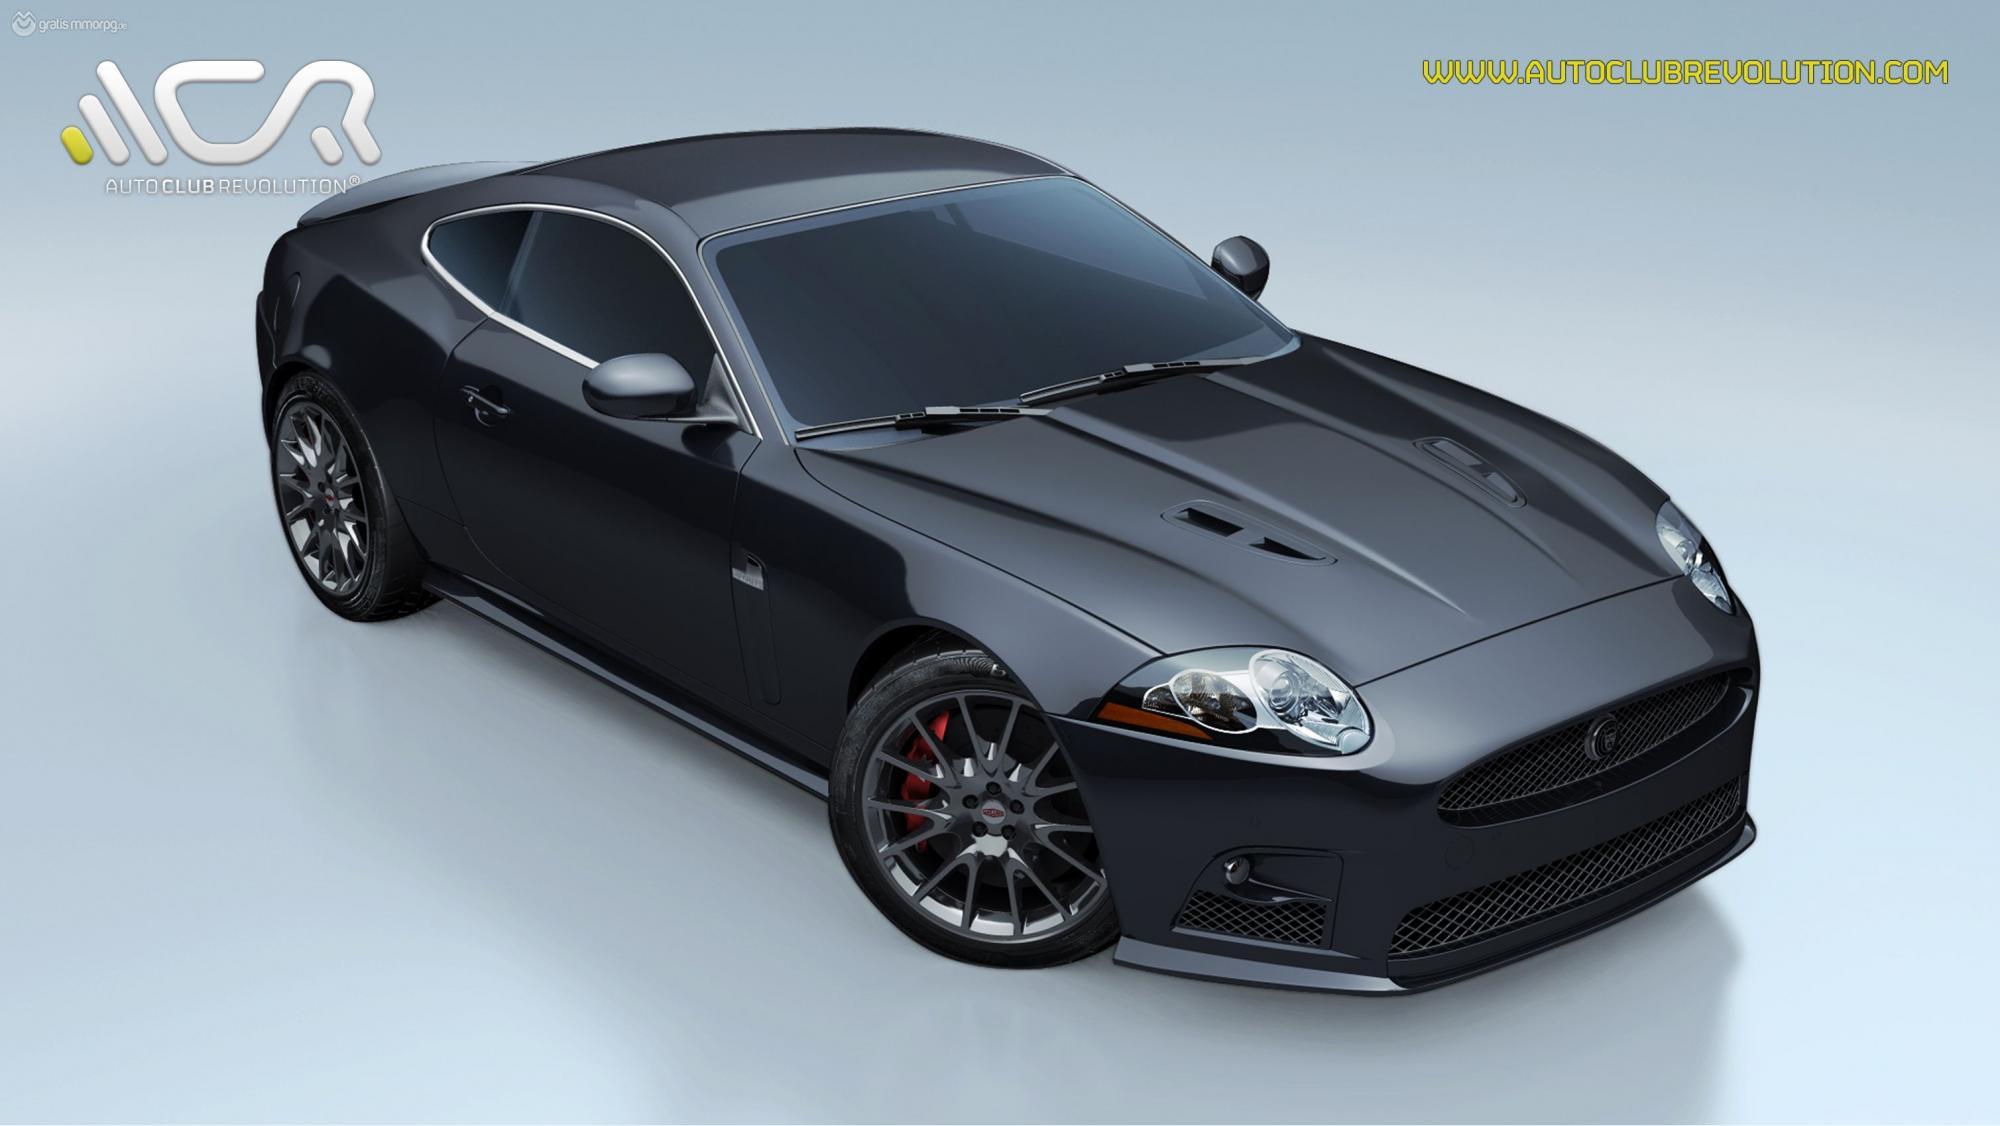 Klicke auf die Grafik für eine größere AnsichtName:ACR - Jaguar XKR-S.jpgHits:65Größe:134,1 KBID:5871